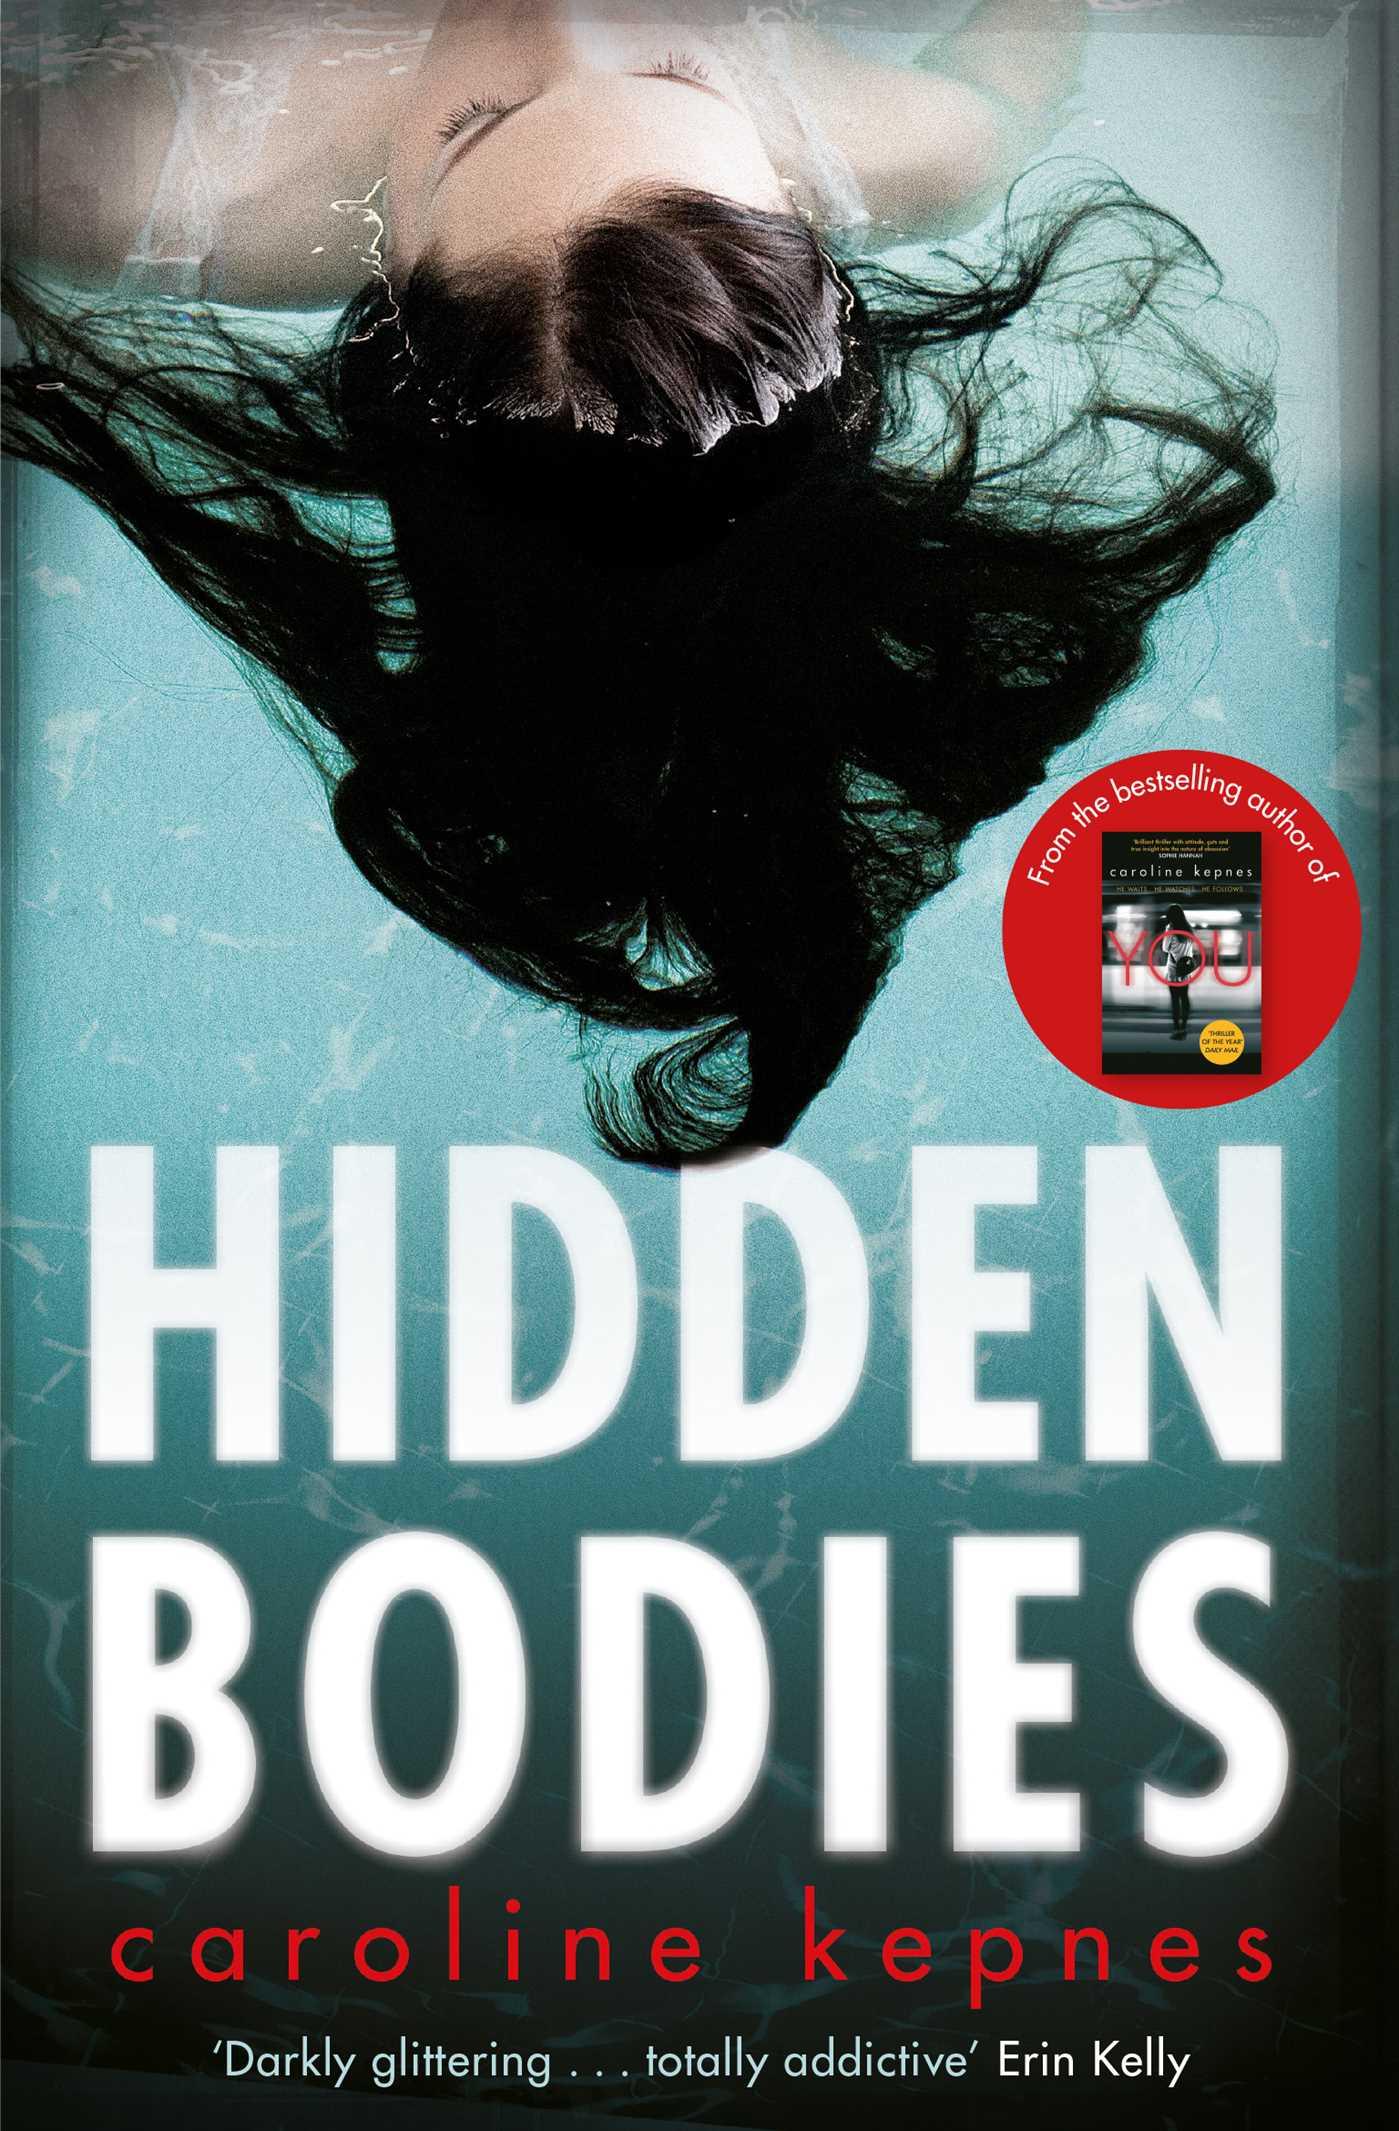 Hidden bodies 9781471137334 hr